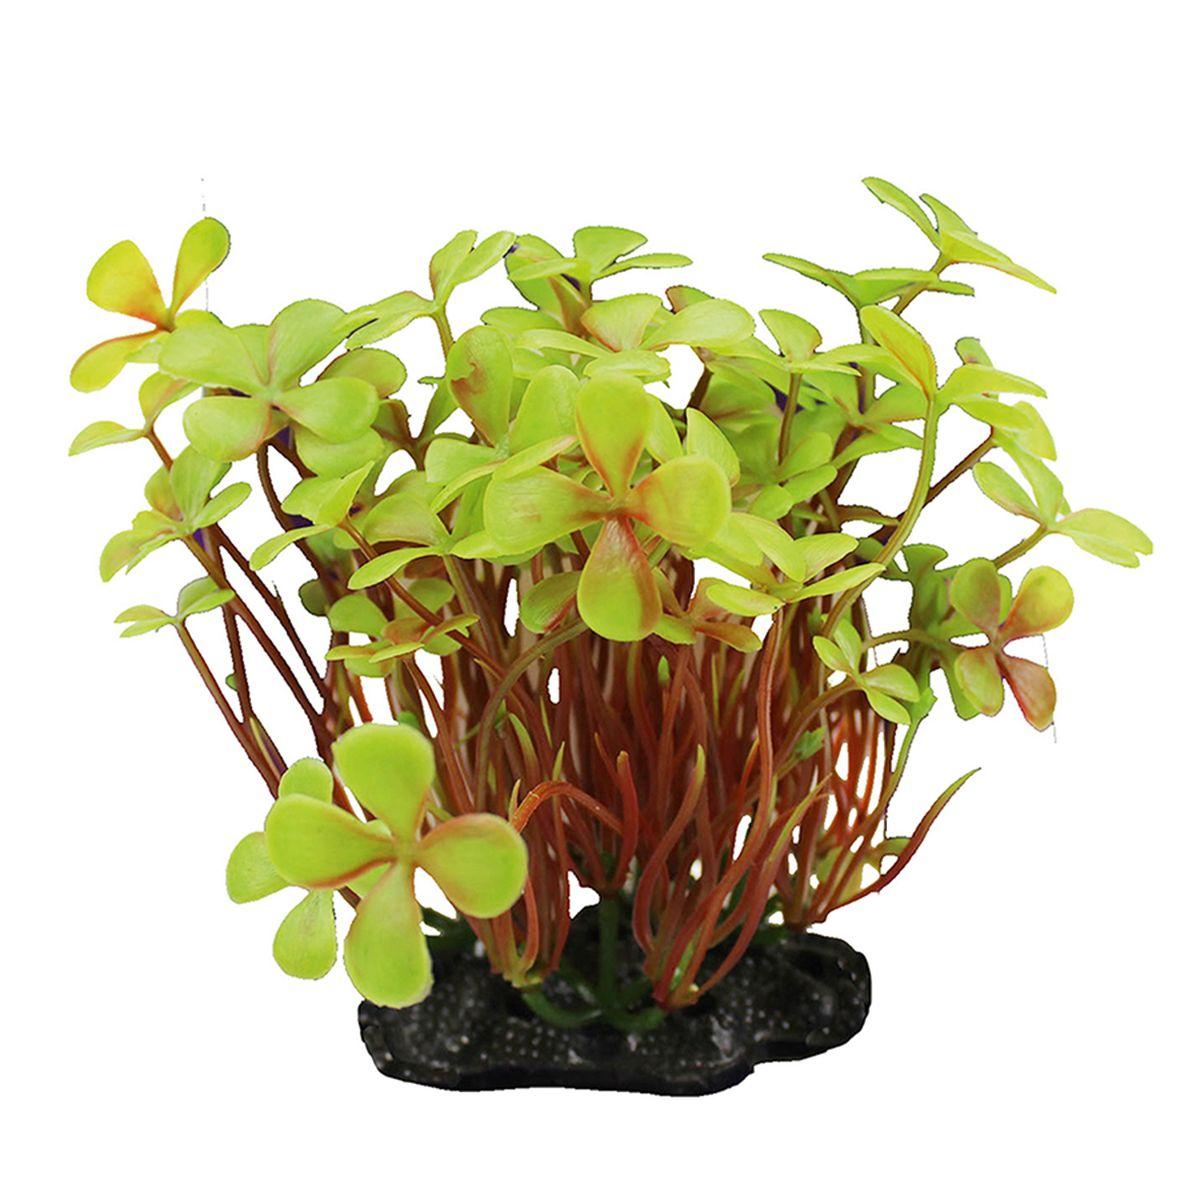 Растение для аквариума ArtUniq Марсилия желтая, высота 10-12 см0120710Растение для аквариума ArtUniq Марсилия желтая, высота 10-12 см